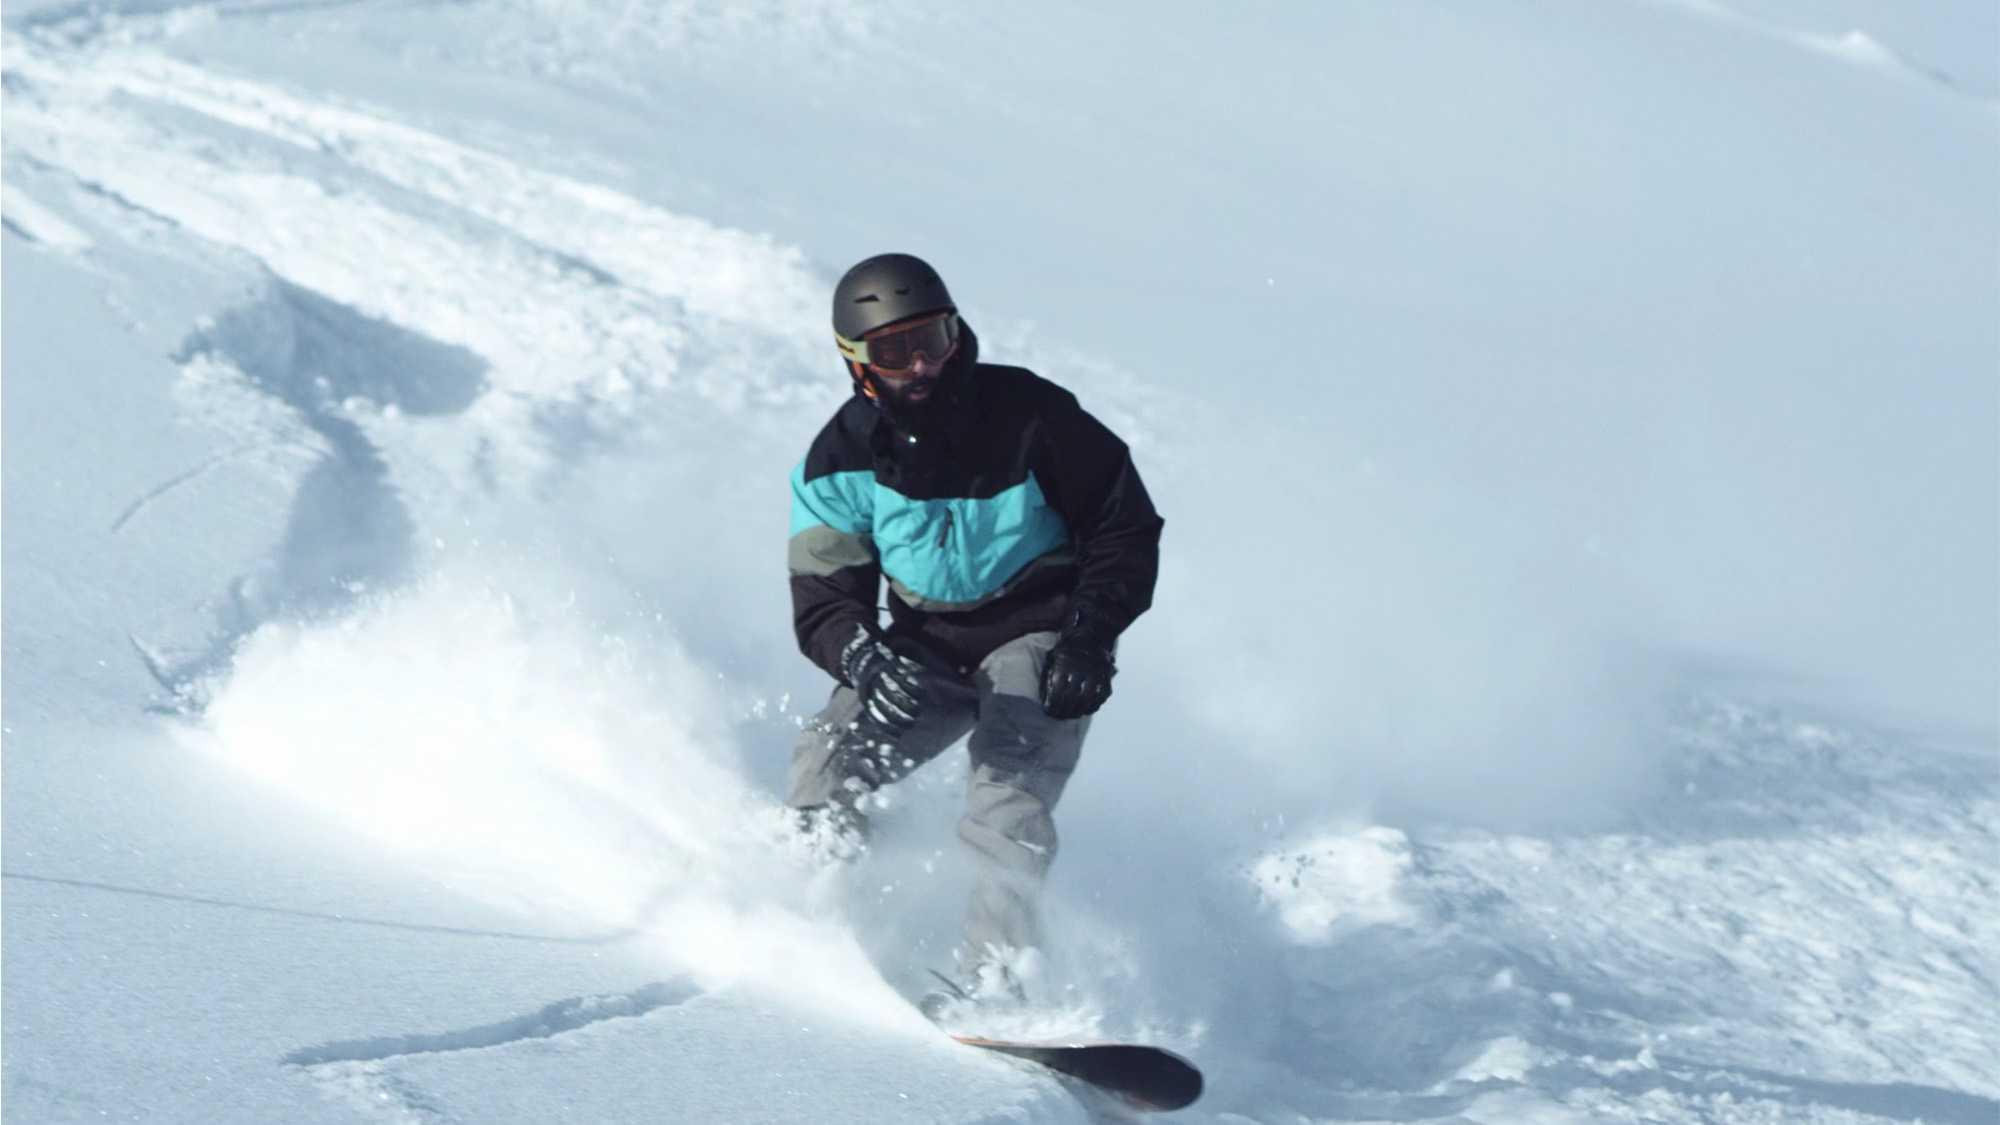 Das Bild zeigt einen Snowboarder. Er fährt durch den Schnee. Man erkennt den Fahrer nicht, da sein Gesicht verdeckt ist. Das Bild dient als Sliderbild für den Portfolioeintrag Bayerntourismus Wintercamping in Bayern von Panda Pictures.